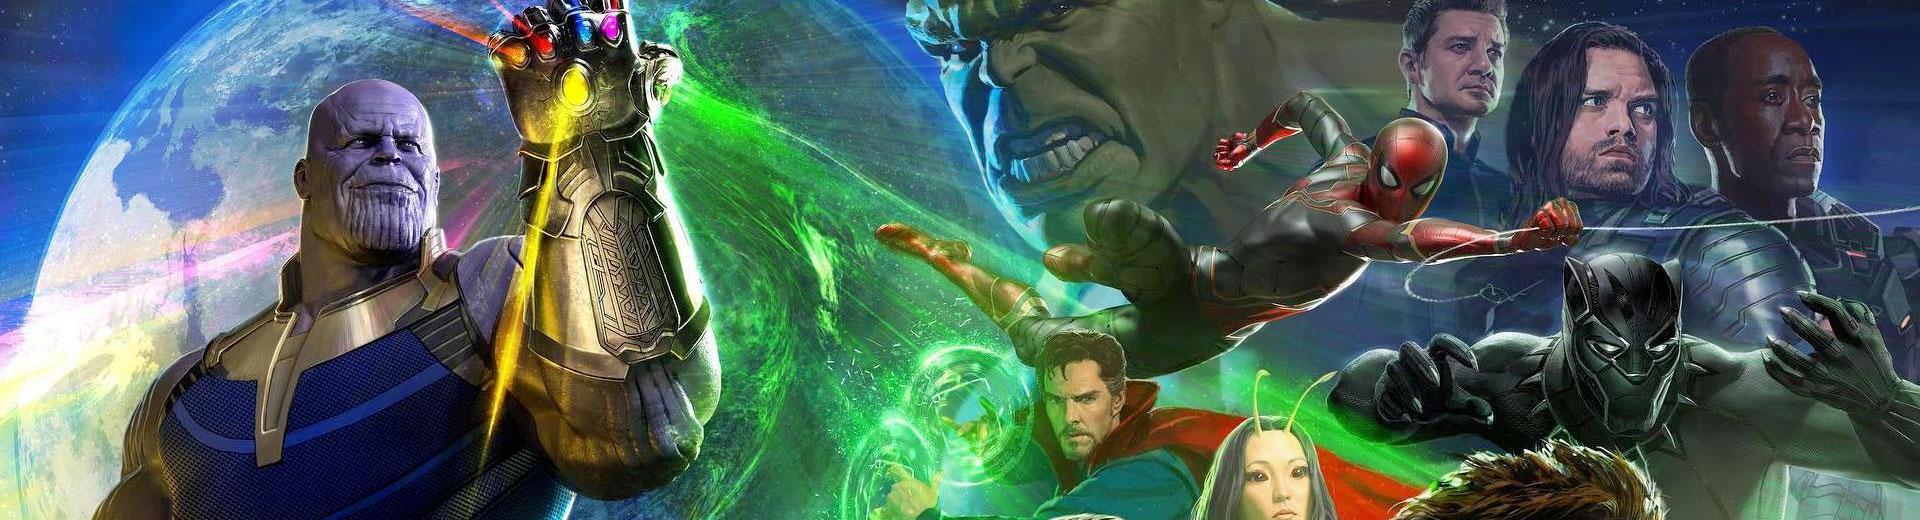 avengersinfinity-main.jpg